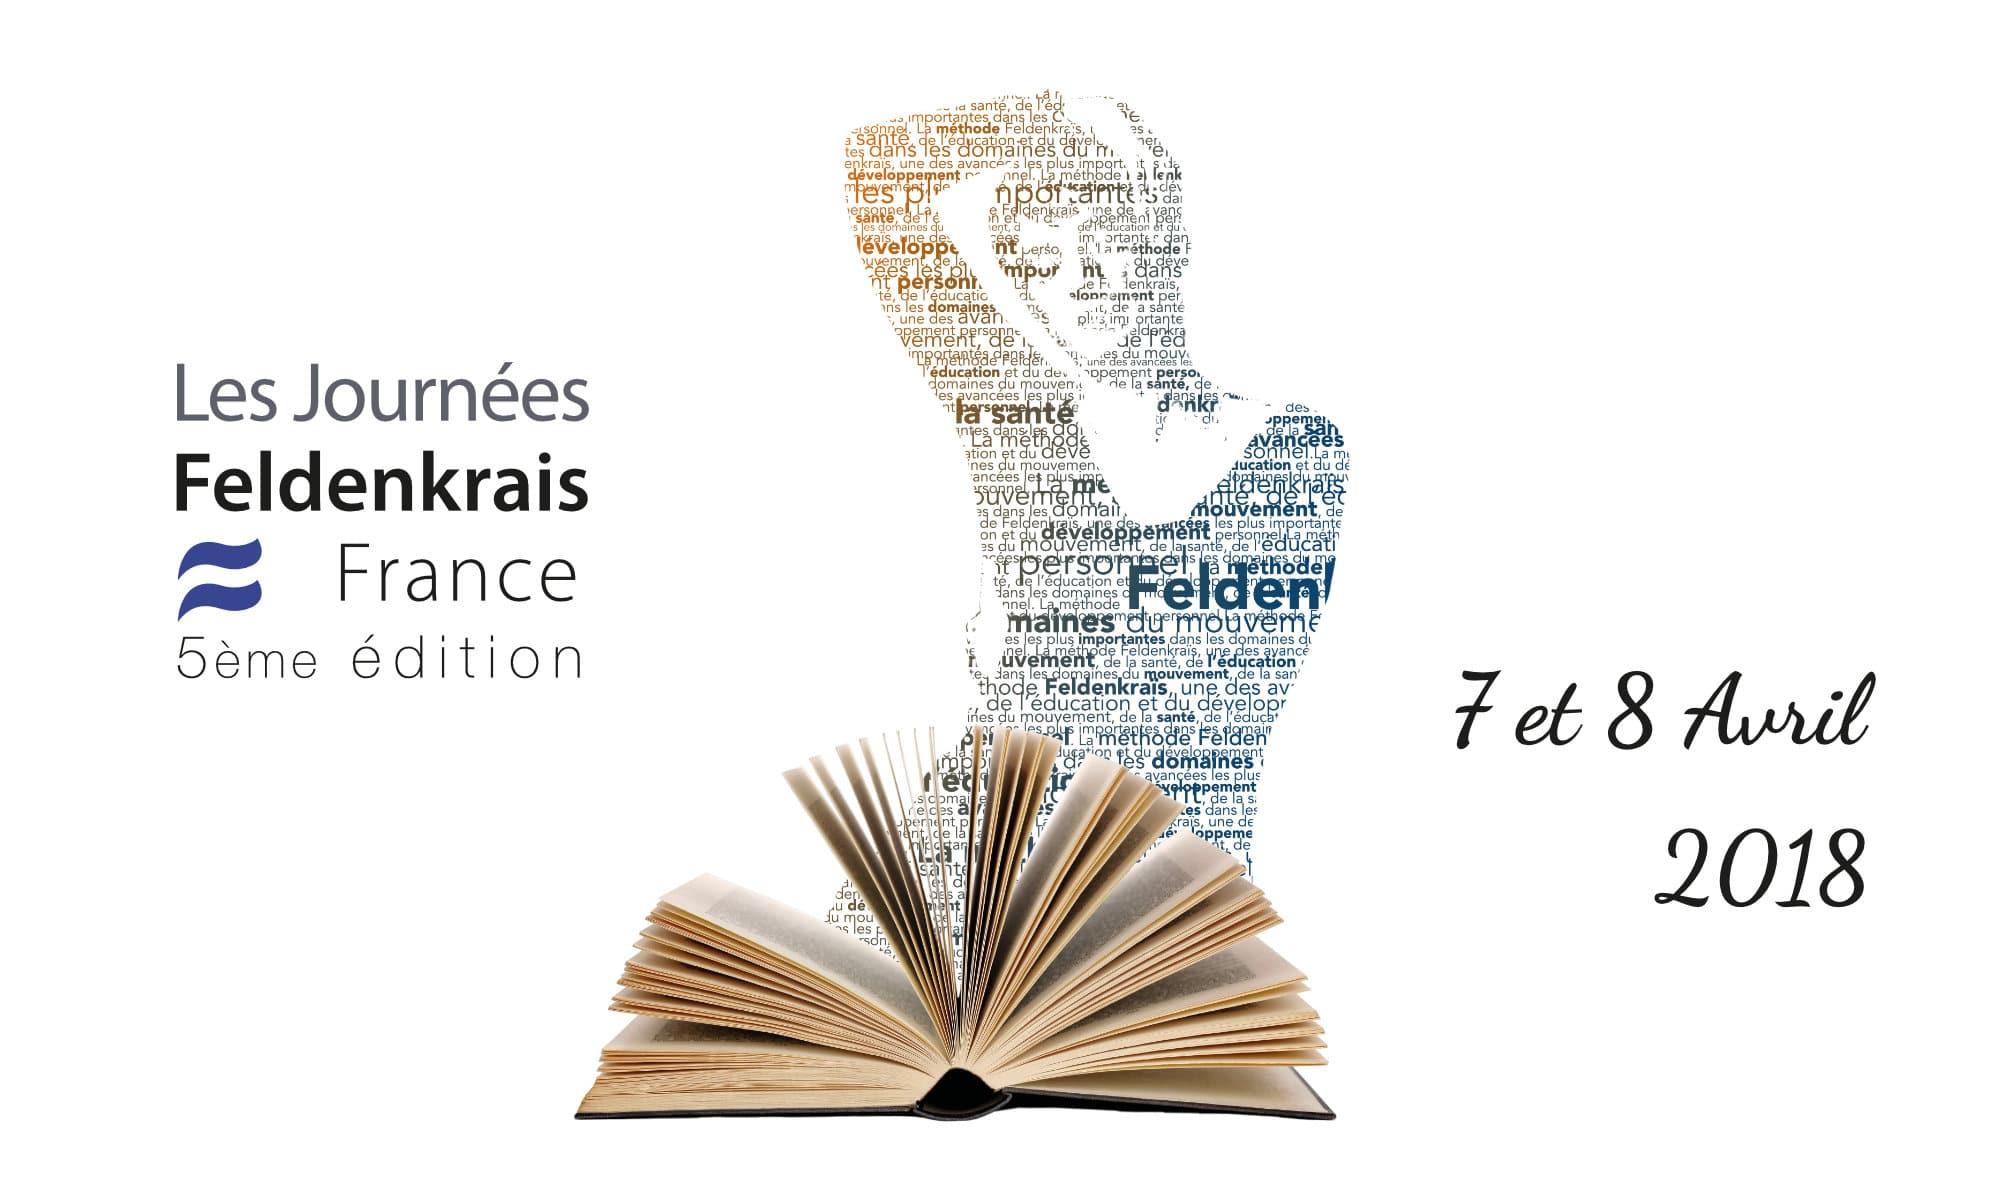 Tous les évènements de la cinquième édition des Journées Feldenkrais France